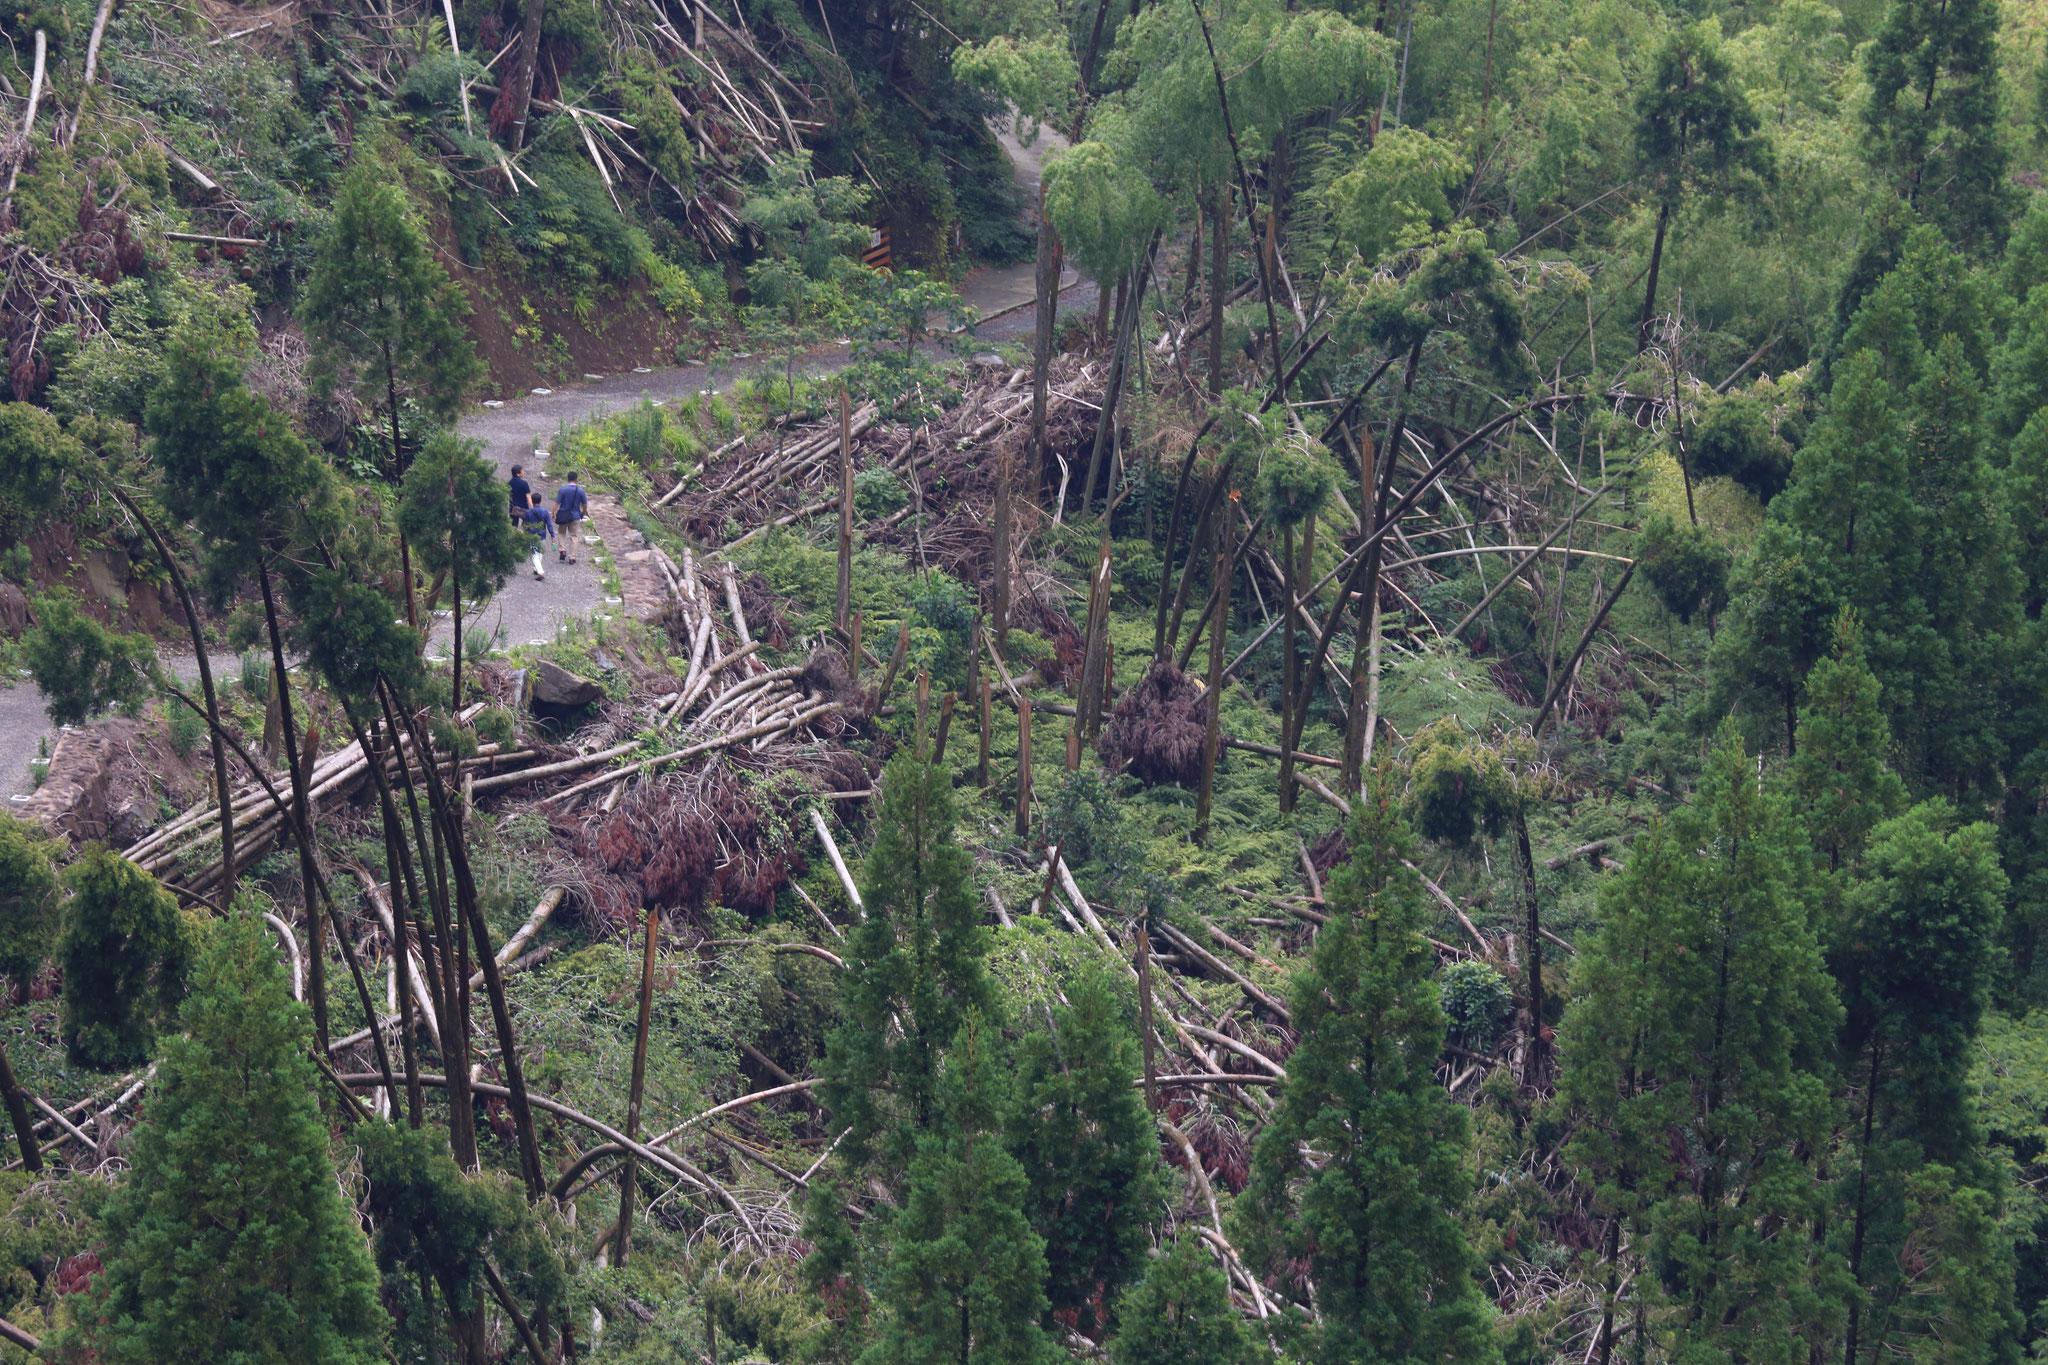 台風被害の残る雄川の滝遊歩道(6/24 南大隅町)